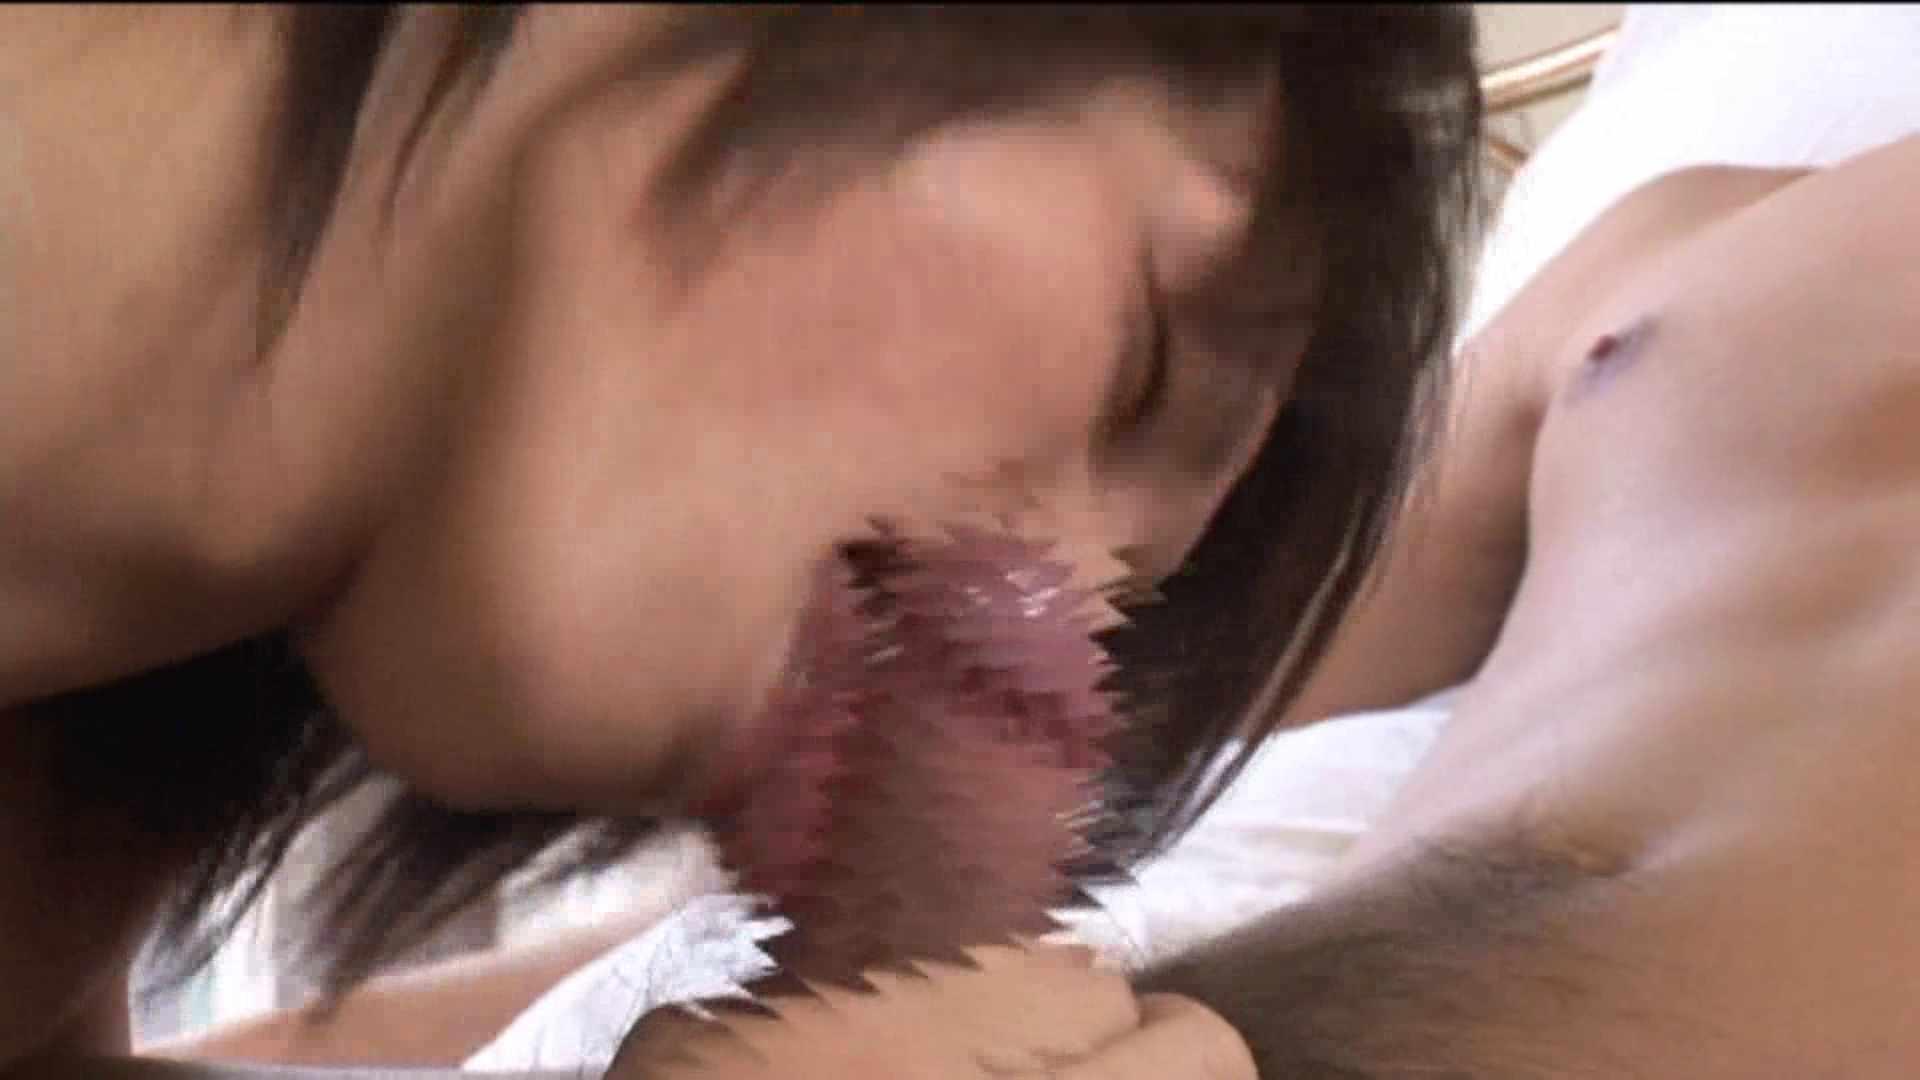 イケメン☆パラダイス〜男ざかりの君たちへ〜vol.37 アナル舐め ゲイフリーエロ画像 66pic 8